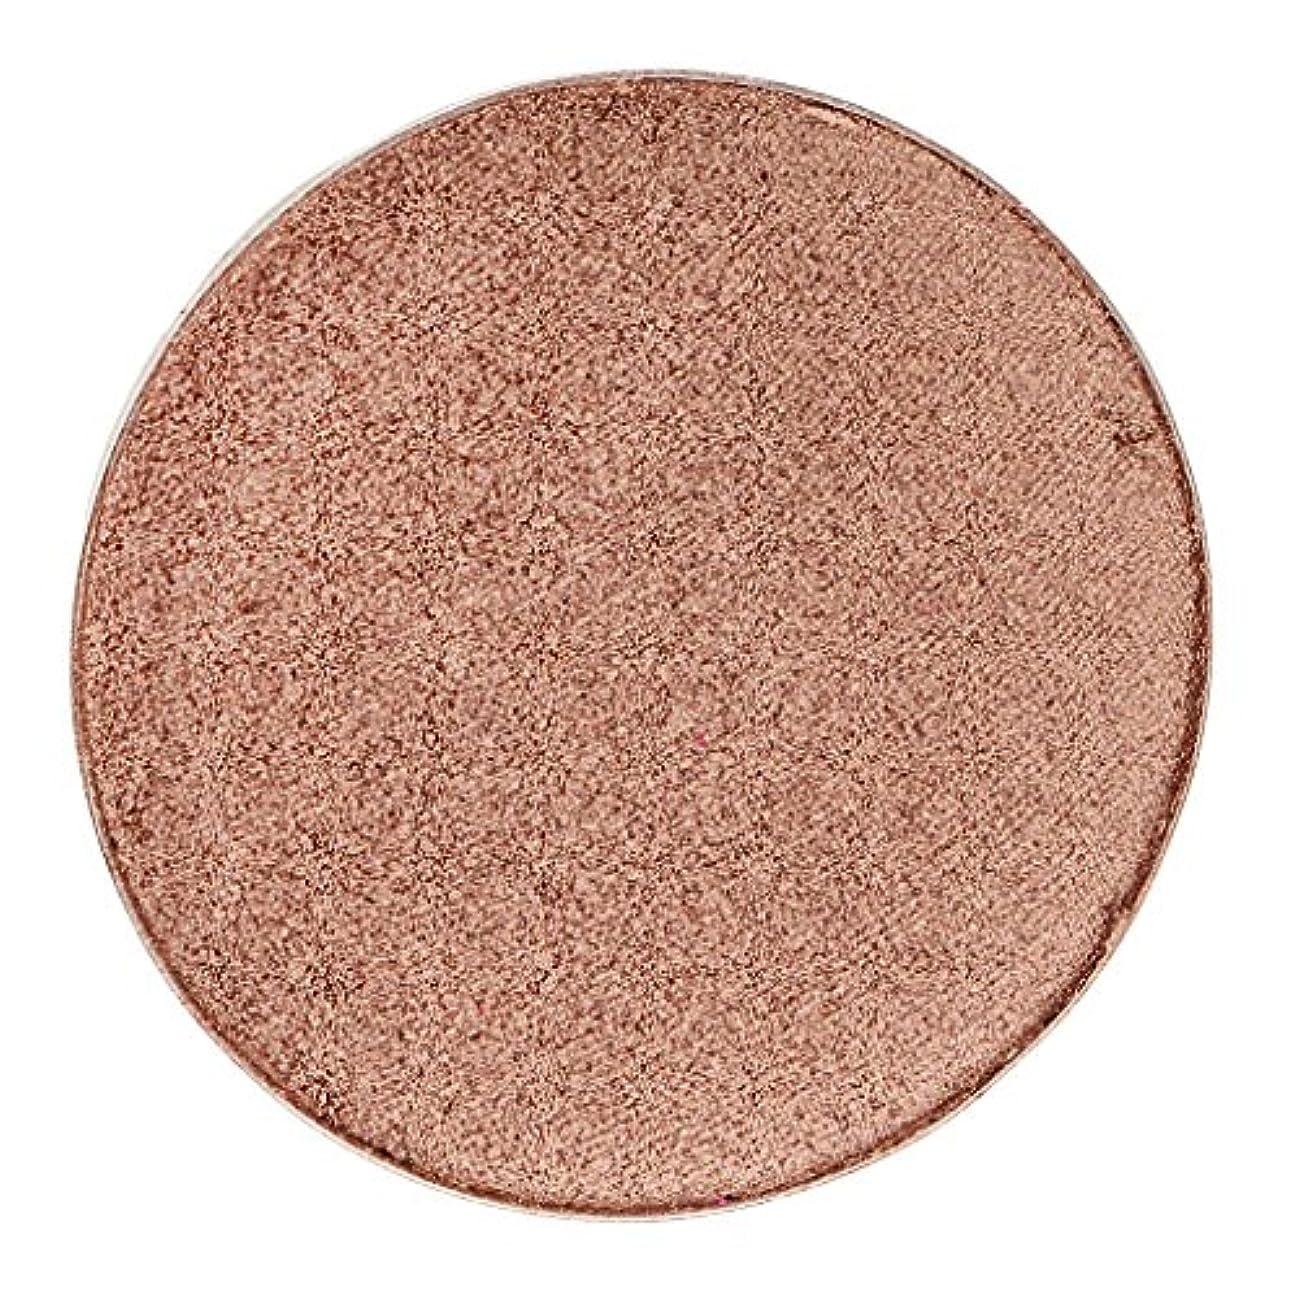 トロイの木馬タービンどれでもT TOOYFUL 美容キラキラアイシャドウパレット化粧品アイシャドウメイク5色 - #39ブラウン